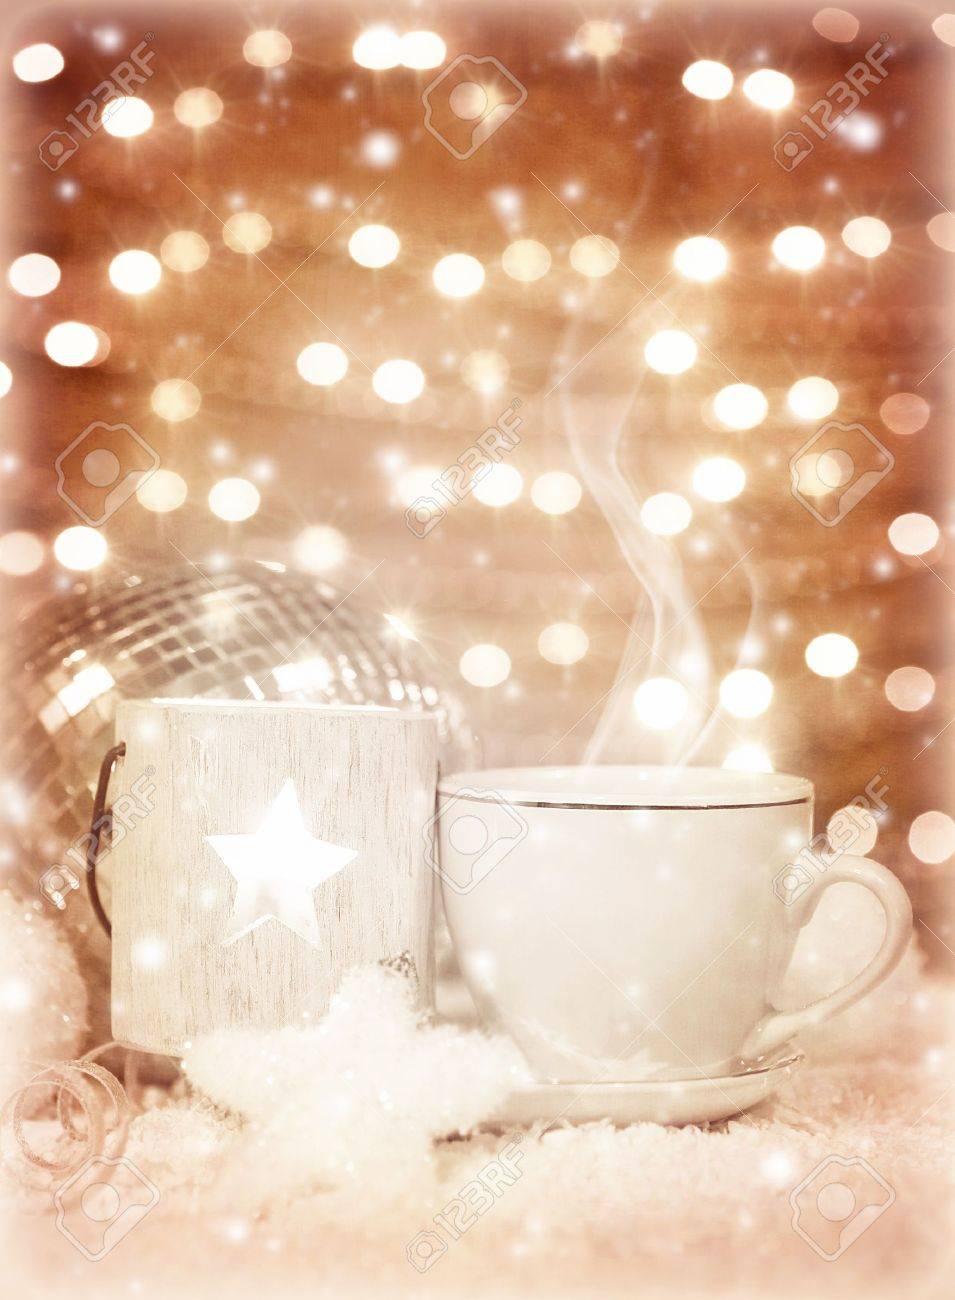 Decorazioni Invernali Per La Casa.Immagini Stock Immagine Di Lusso Bella Tazza Di Te Bianco Su